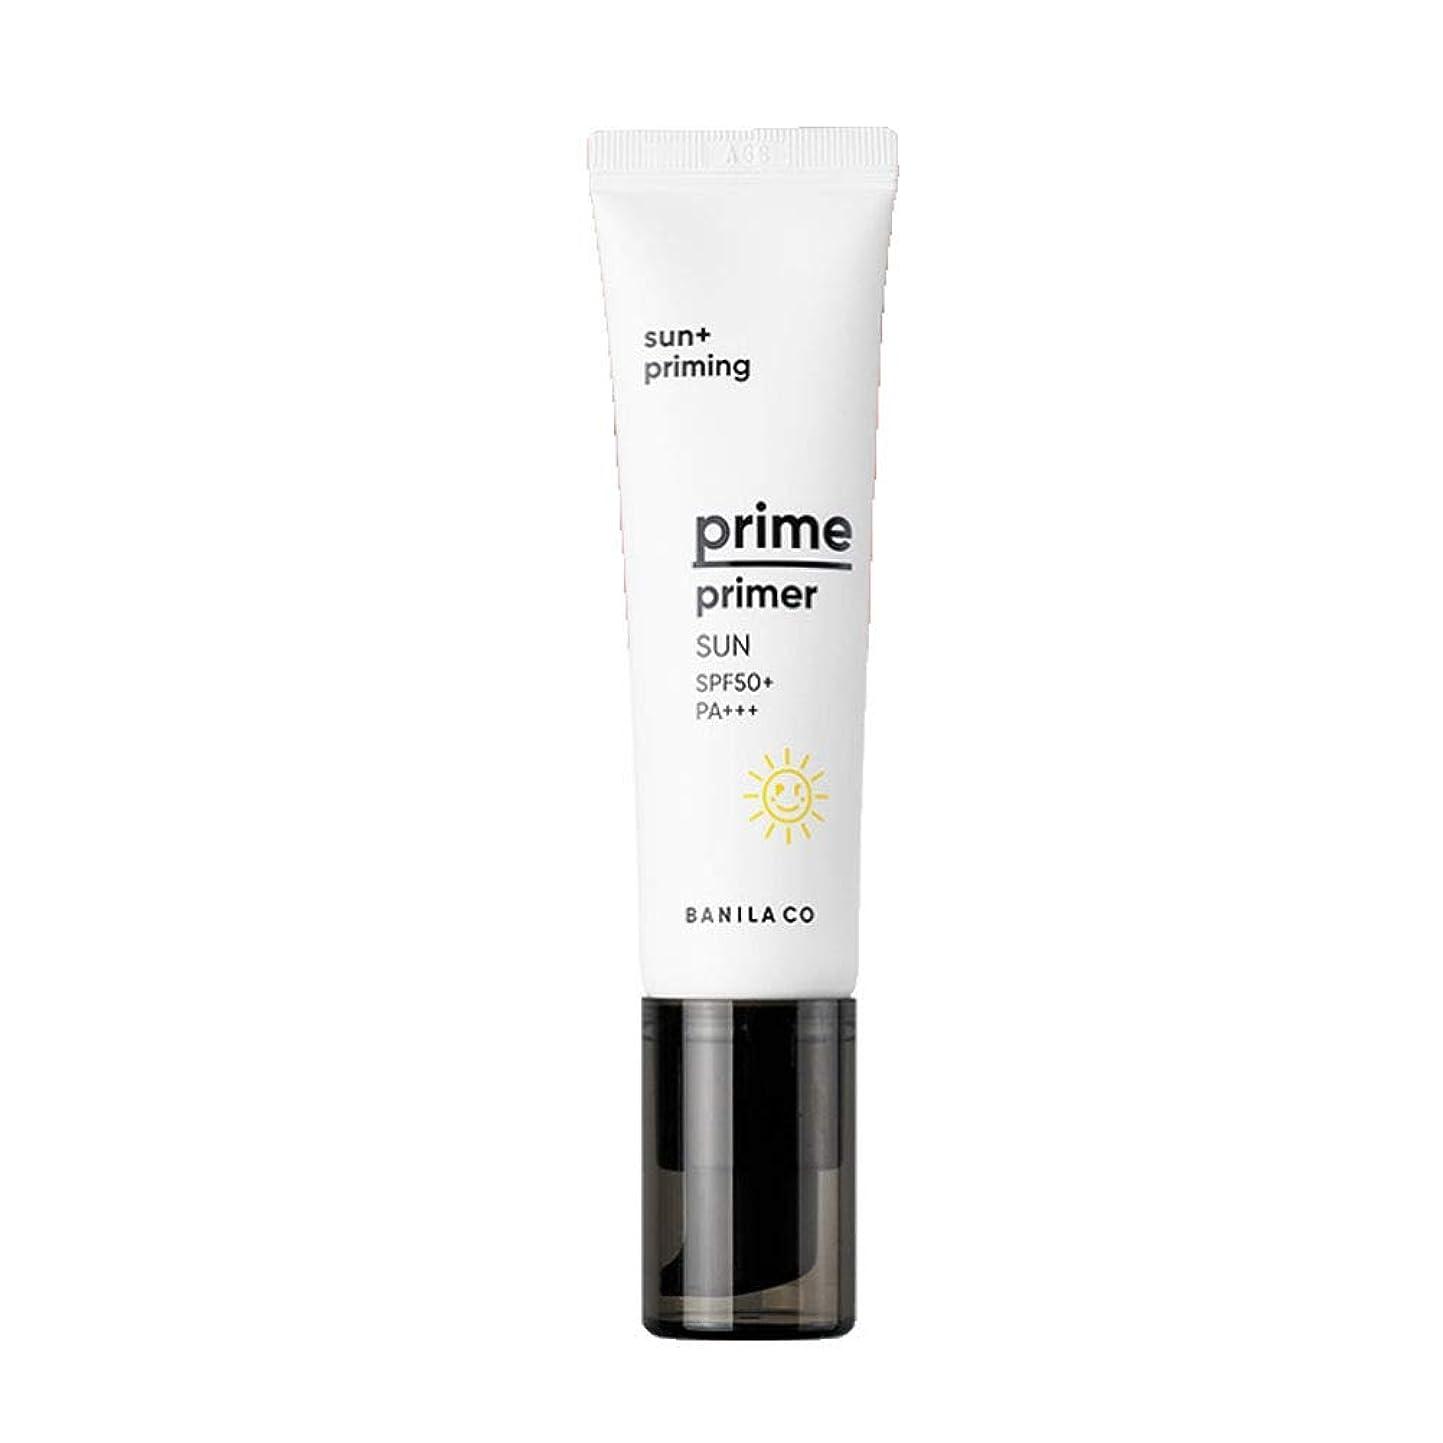 アコードマニュアル先バニラコプライムプライマーサン30mlサンクリーム韓国コスメ、Banila Co Prime Primer Sun 30ml Sun Cream Korean Cosmetics [並行輸入品]